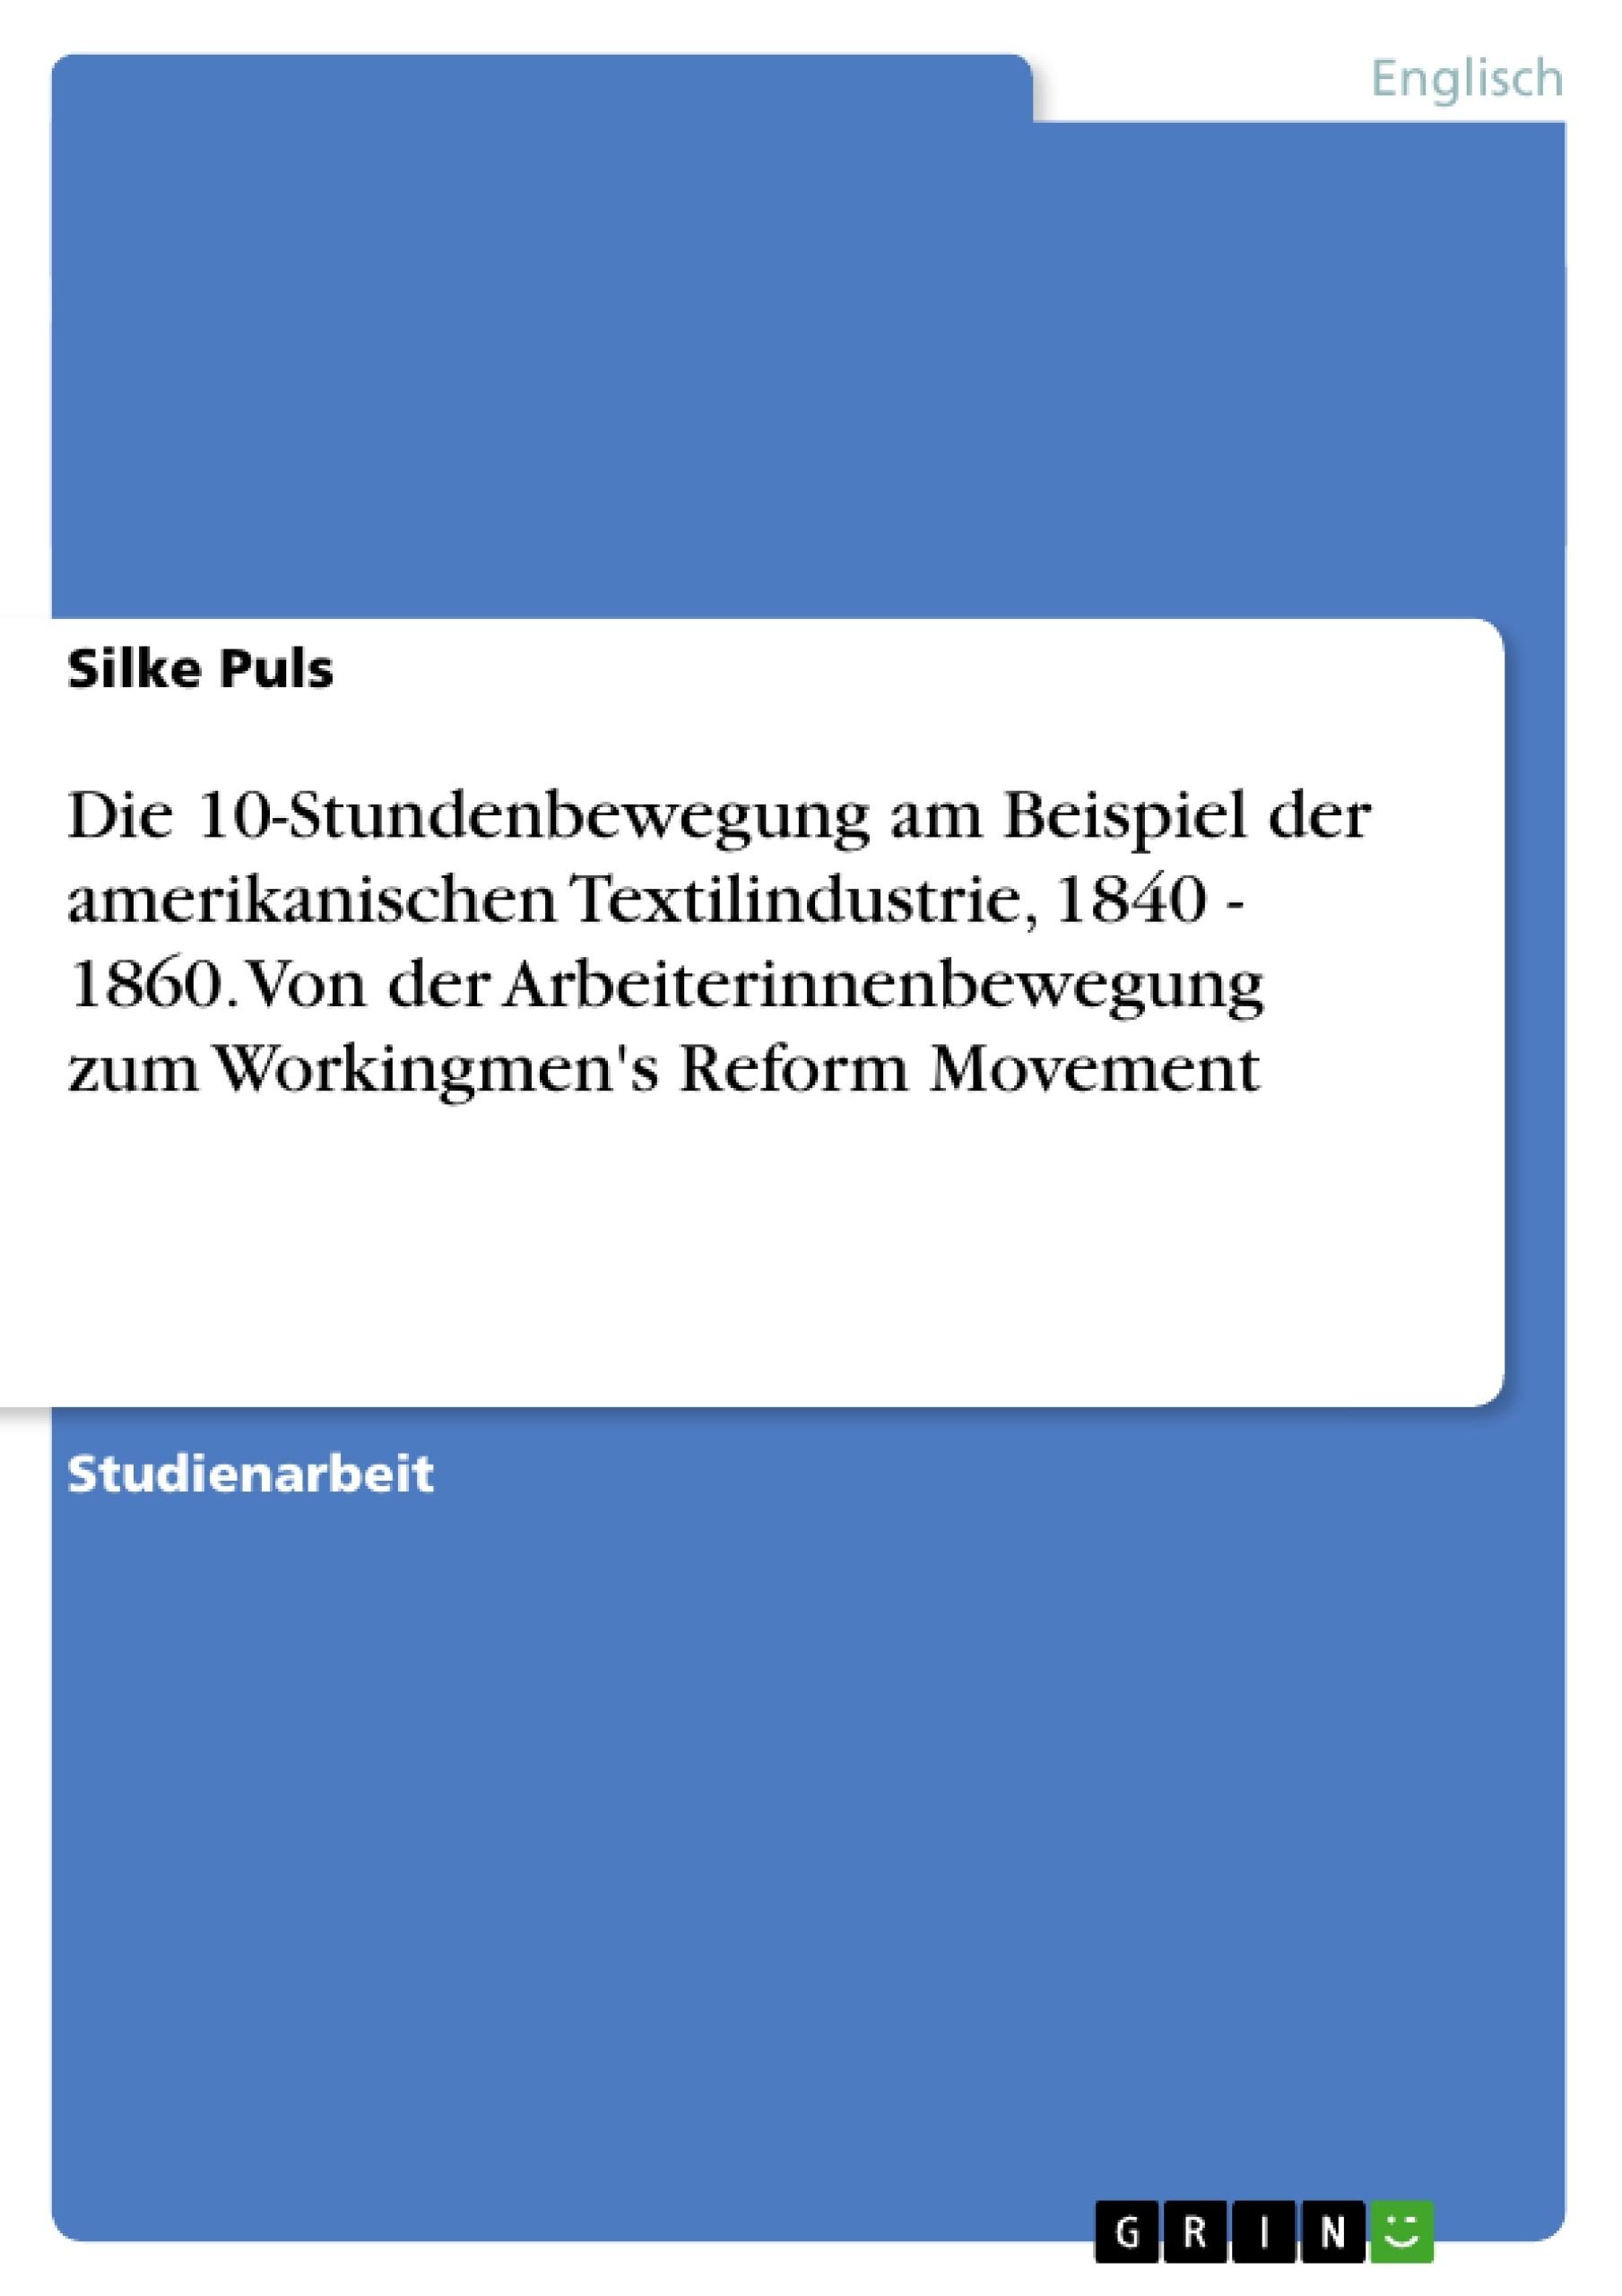 Titel: Die 10-Stundenbewegung am Beispiel der amerikanischen Textilindustrie, 1840 - 1860. Von der Arbeiterinnenbewegung zum  Workingmen's Reform Movement